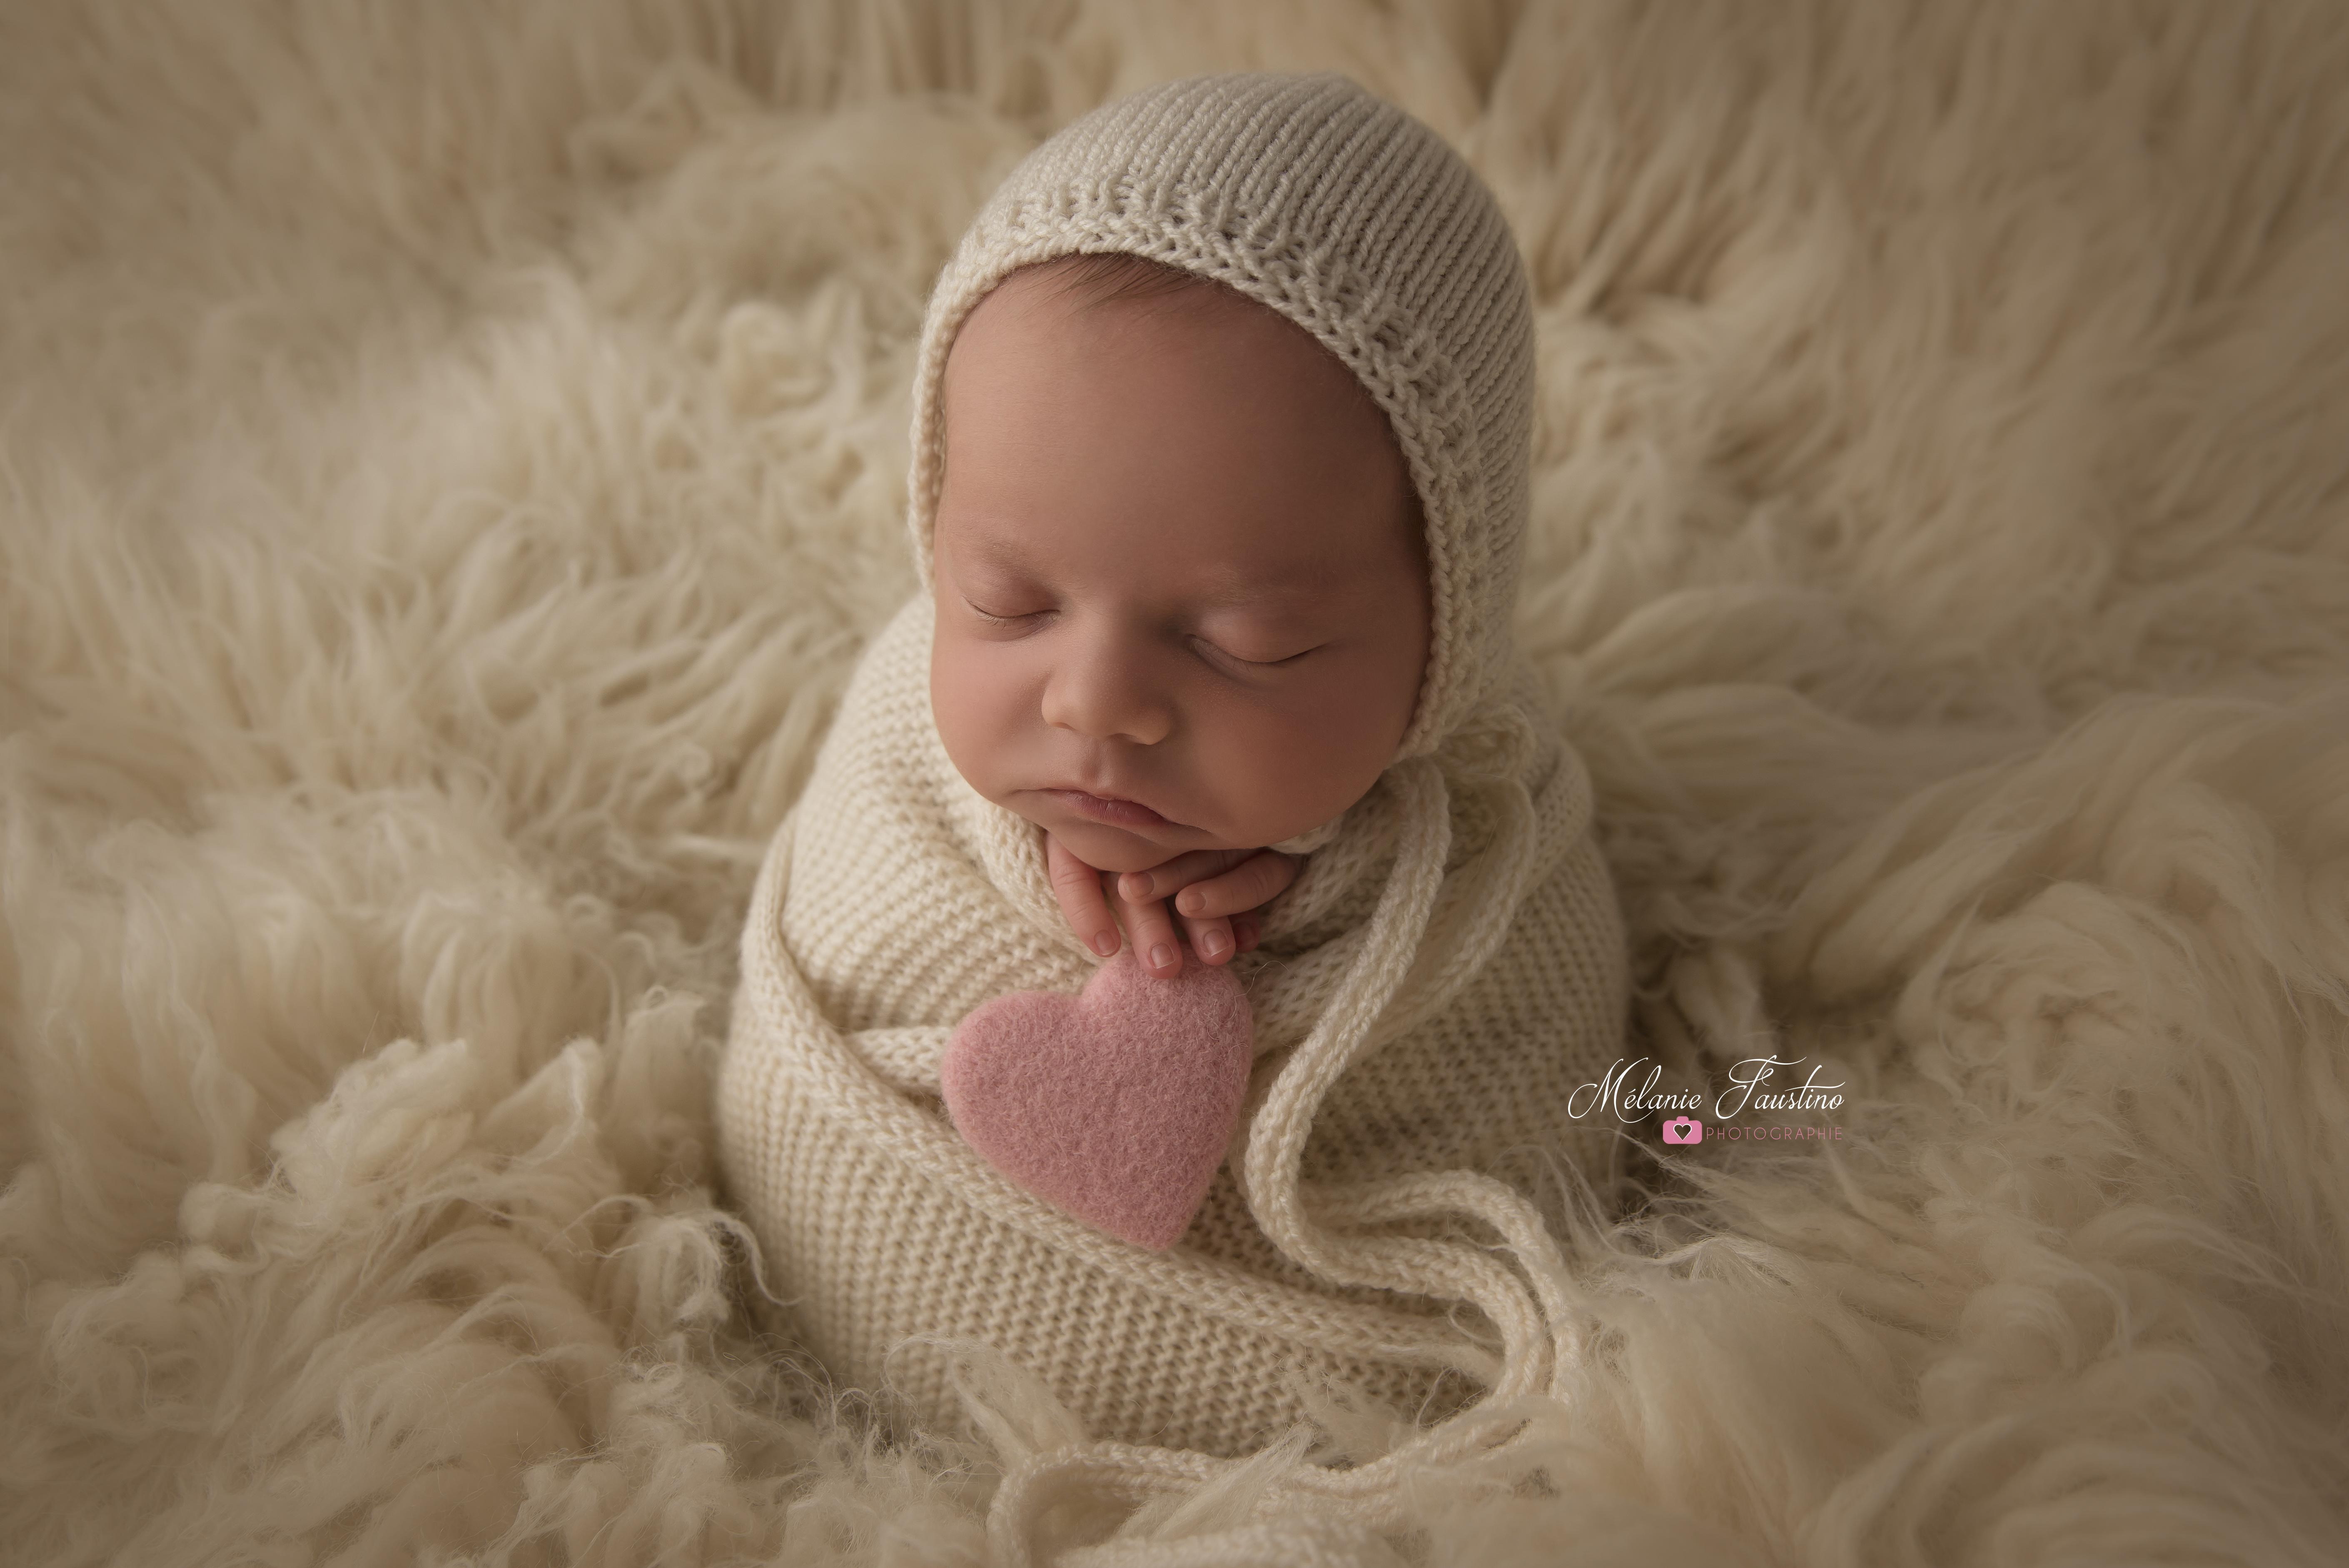 séance photo bébé nouveau-né 77